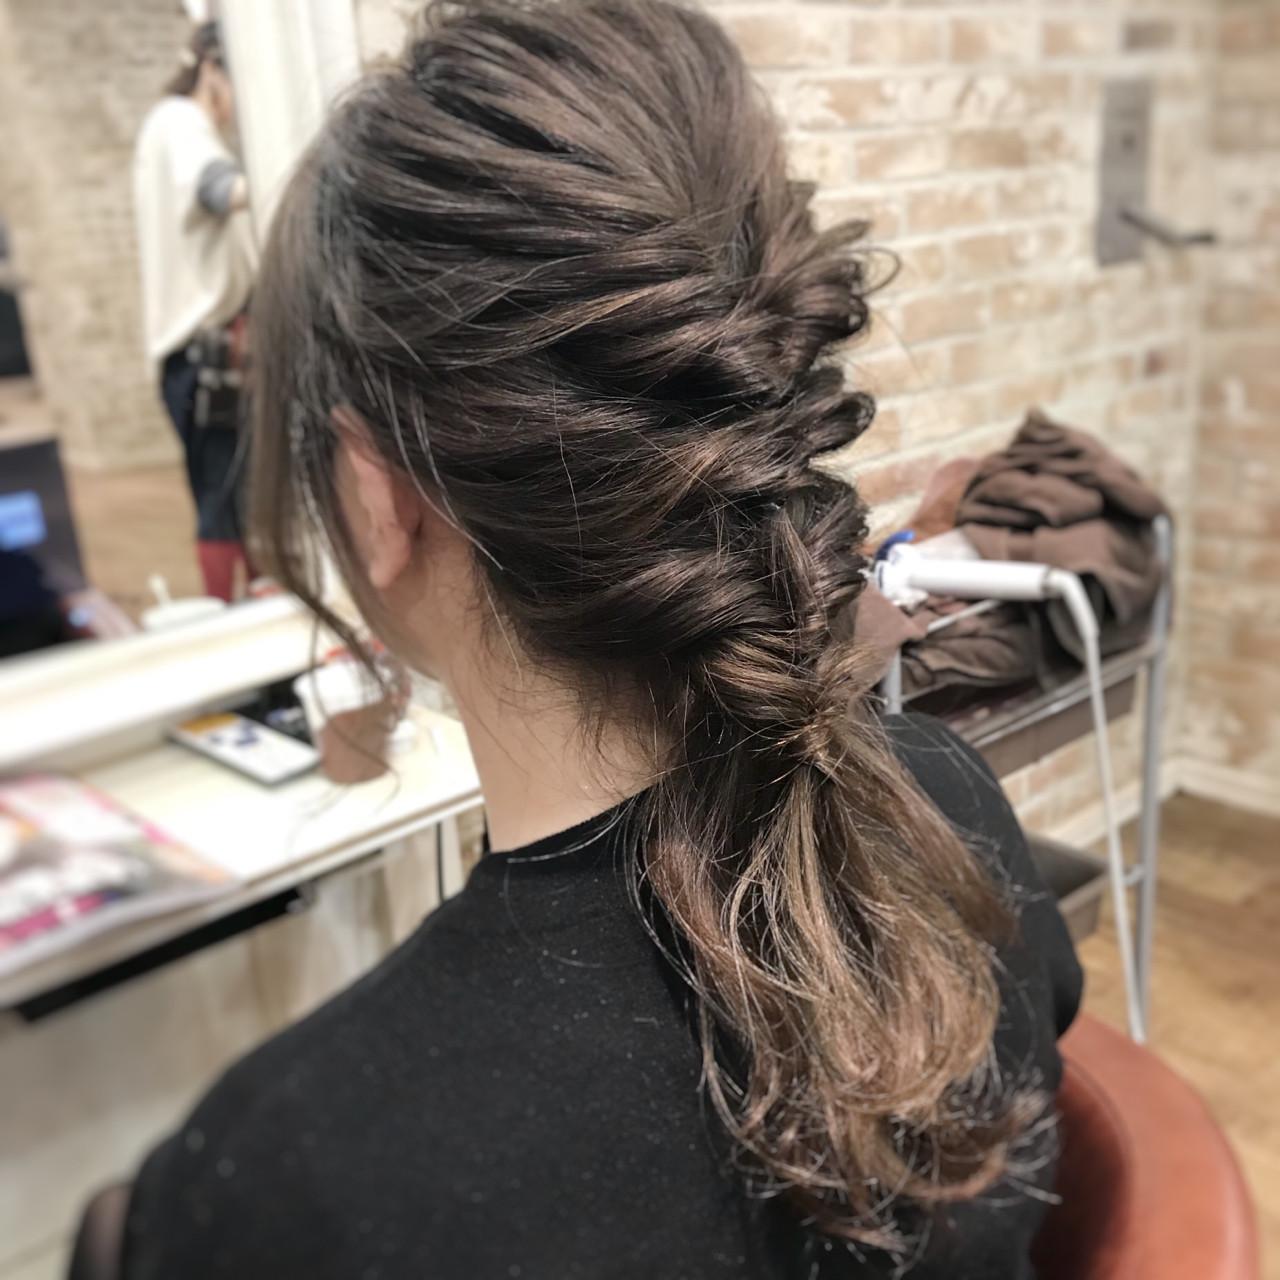 オフィス ヘアアレンジ セミロング 結婚式 ヘアスタイルや髪型の写真・画像 | hironao murakami / Eight渋谷本店